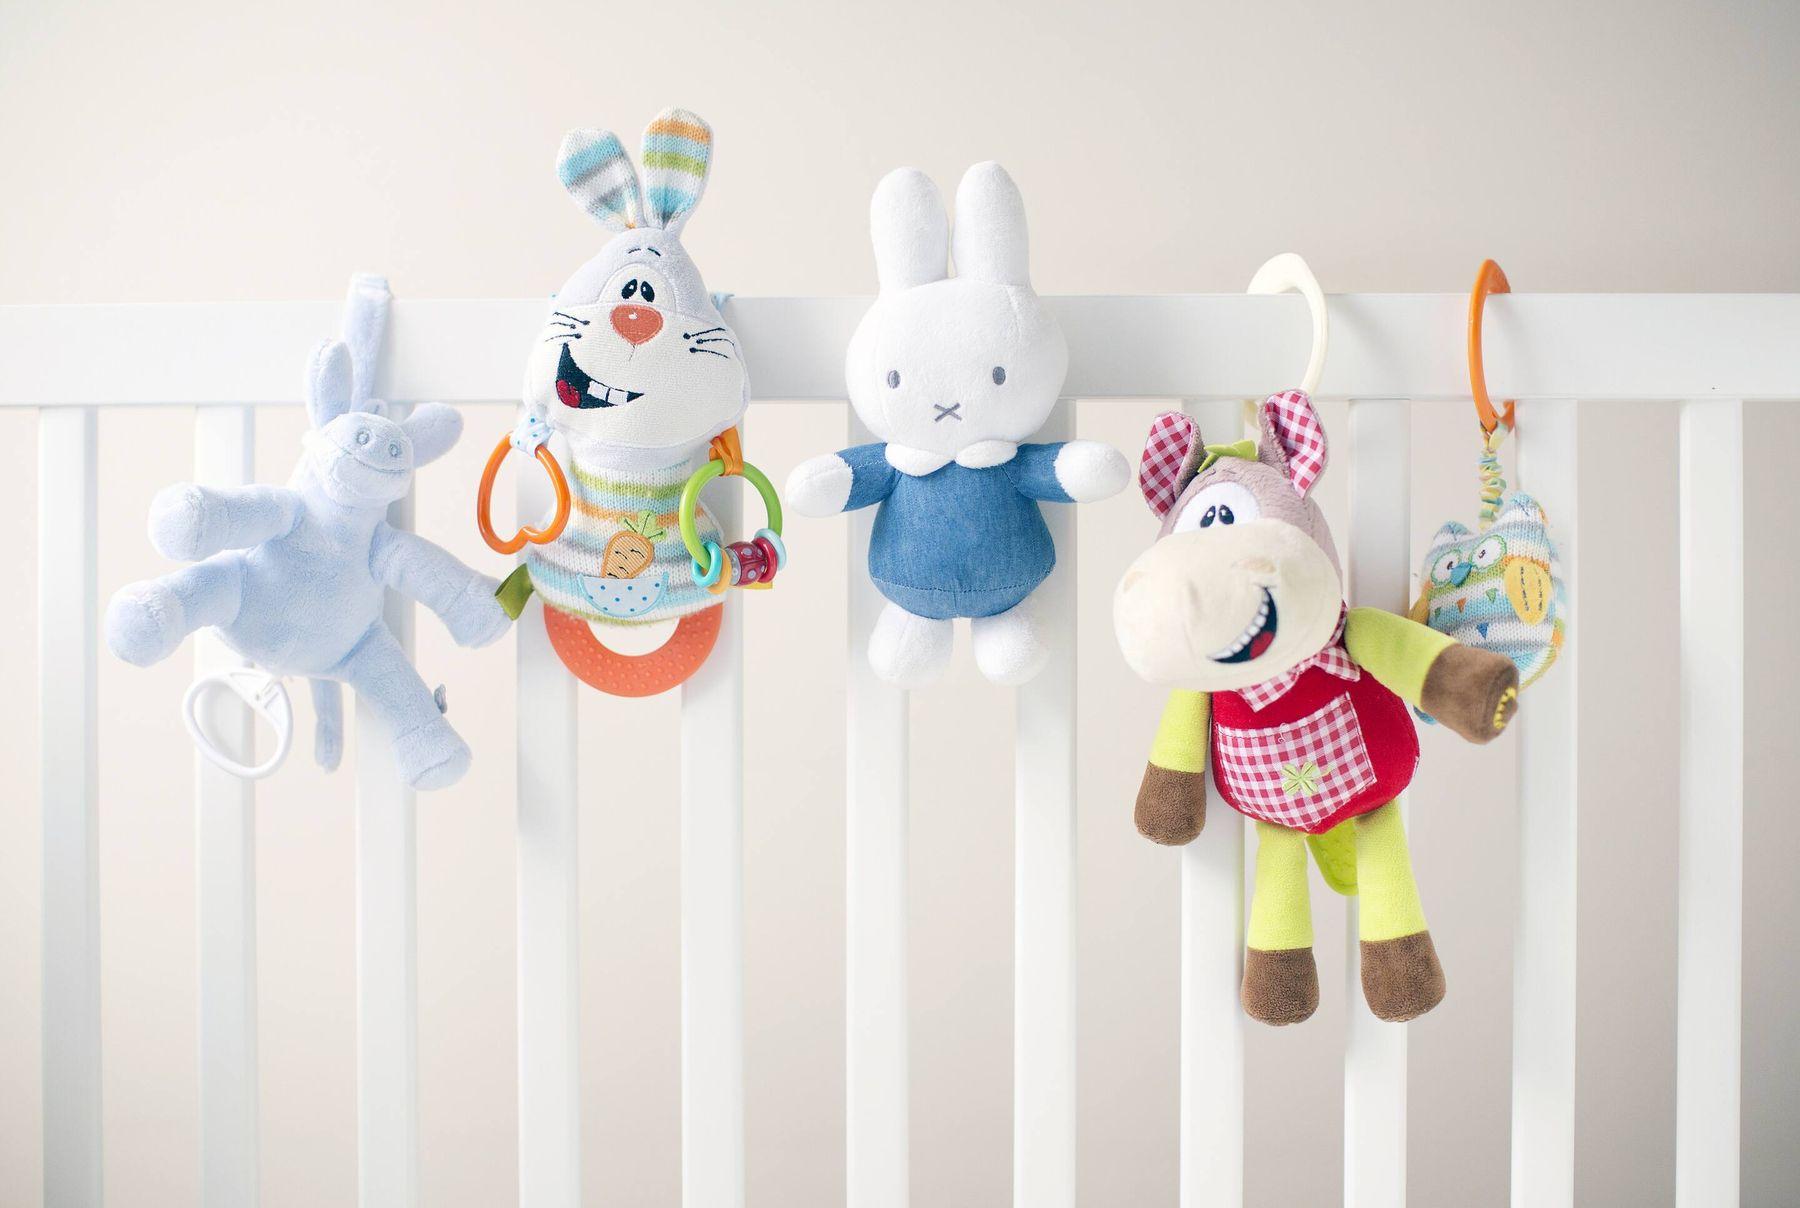 Bebek Oyuncakları Nasıl Yıkanır?